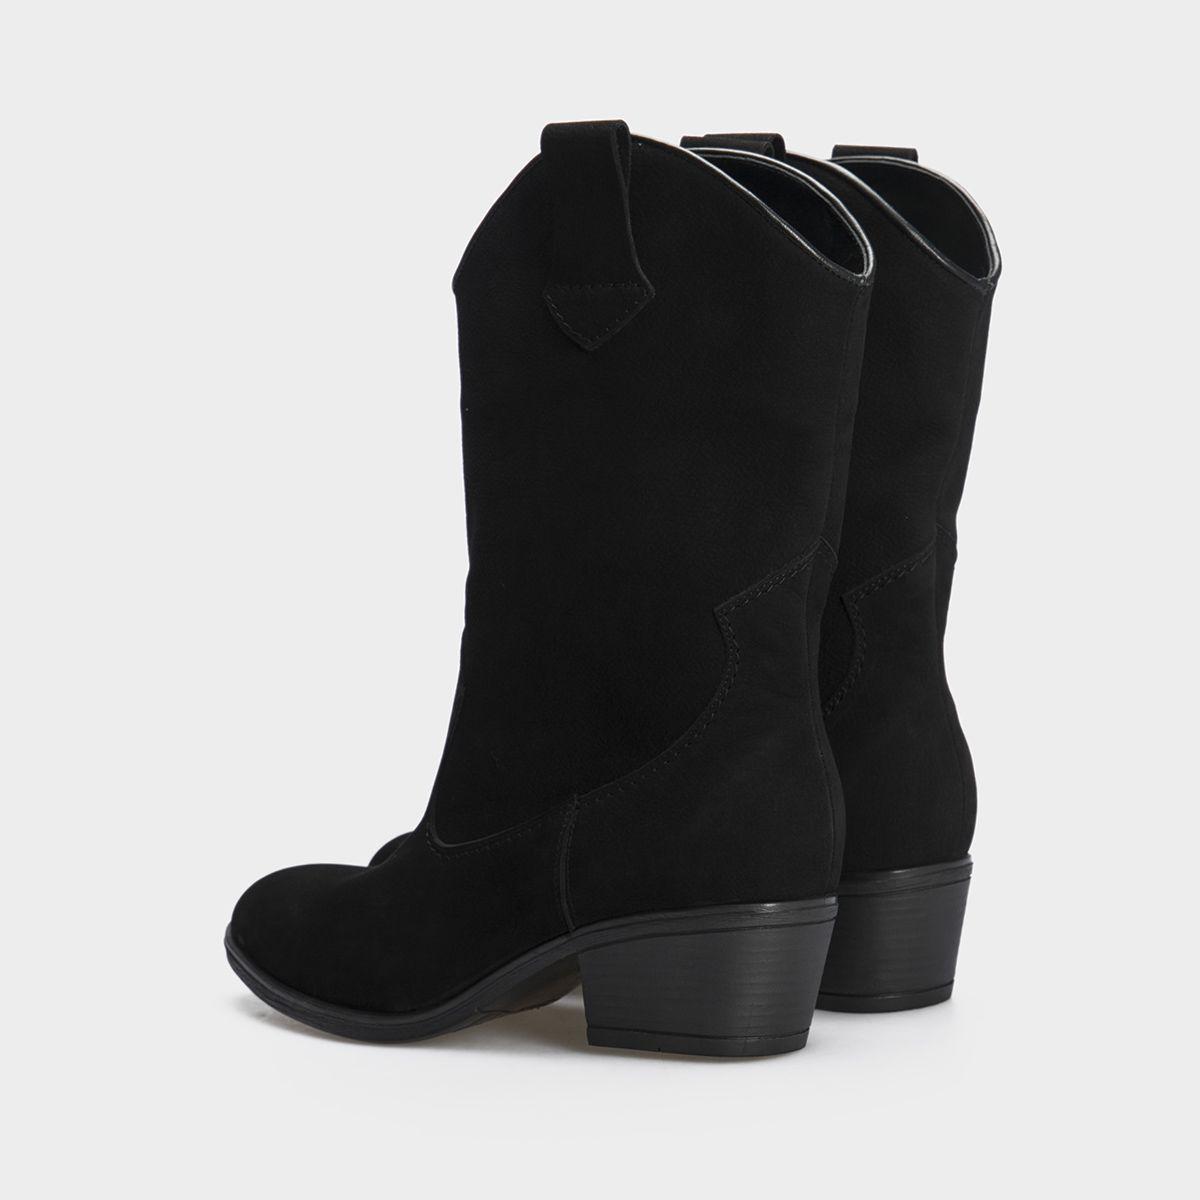 Сапоги женские Ботинки (Козак) 1945-010chr черная кожа. Байка 1945-010chr смотреть, 2017